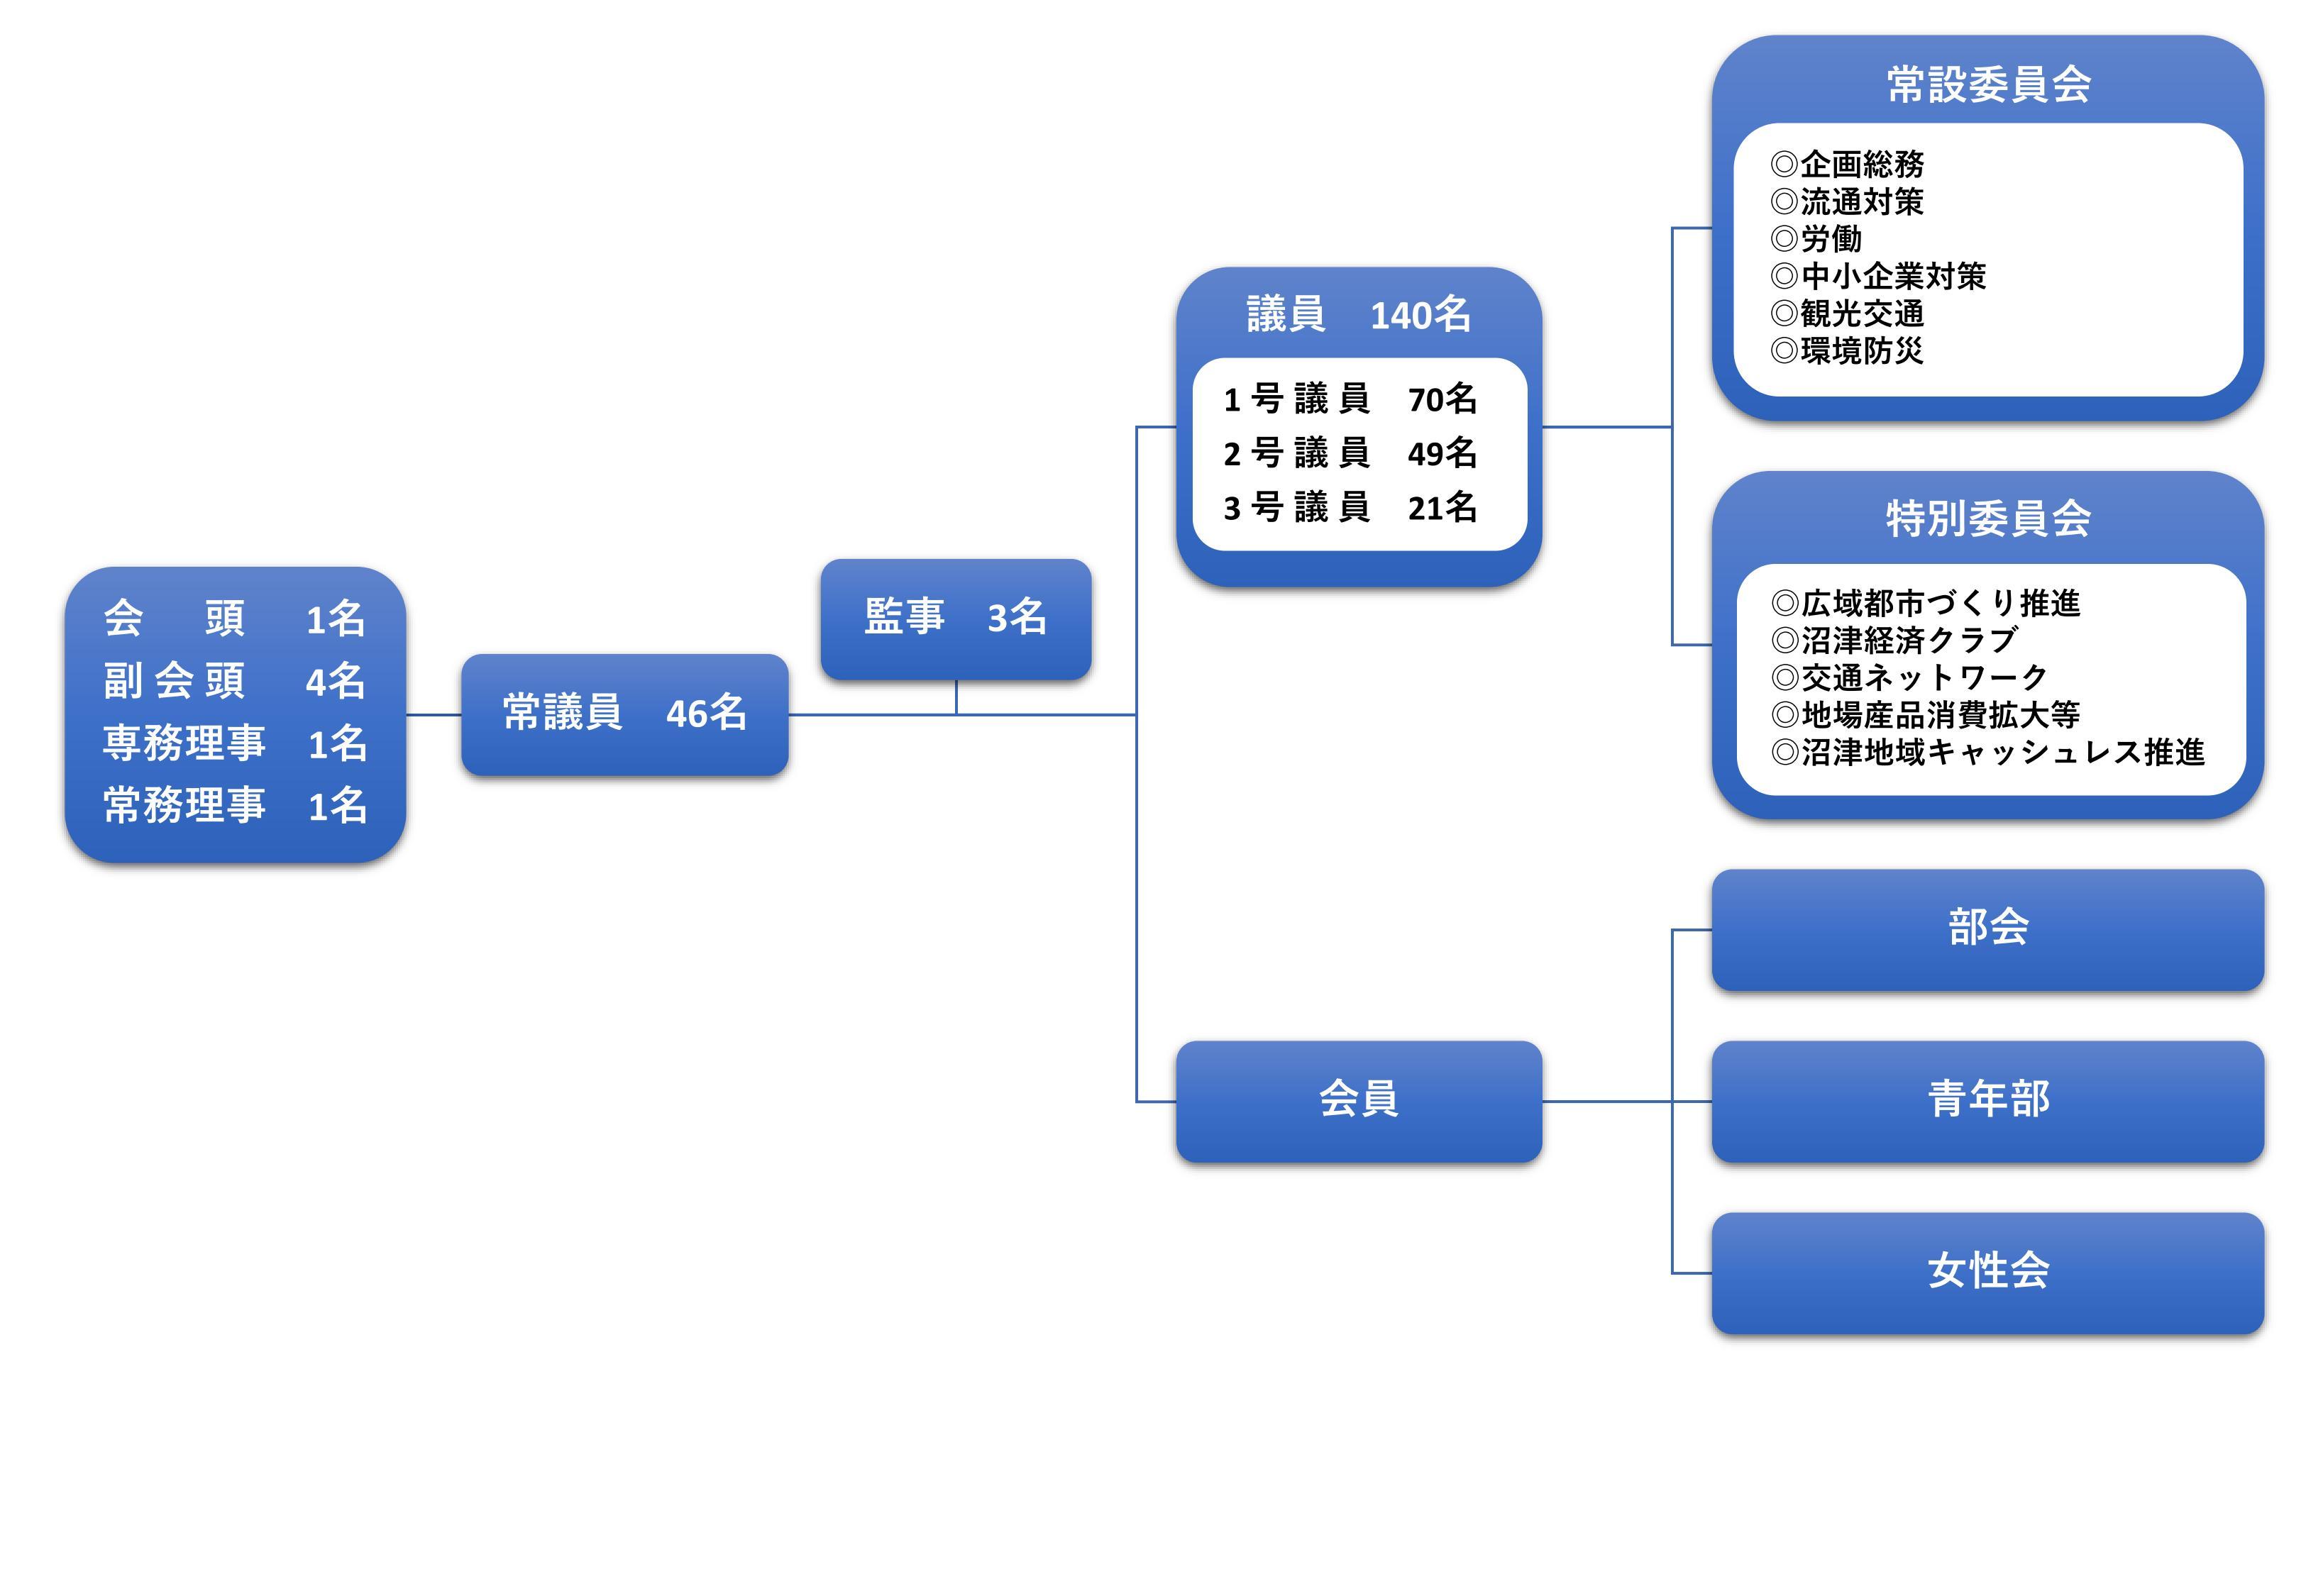 組織図1-1_01.jpg